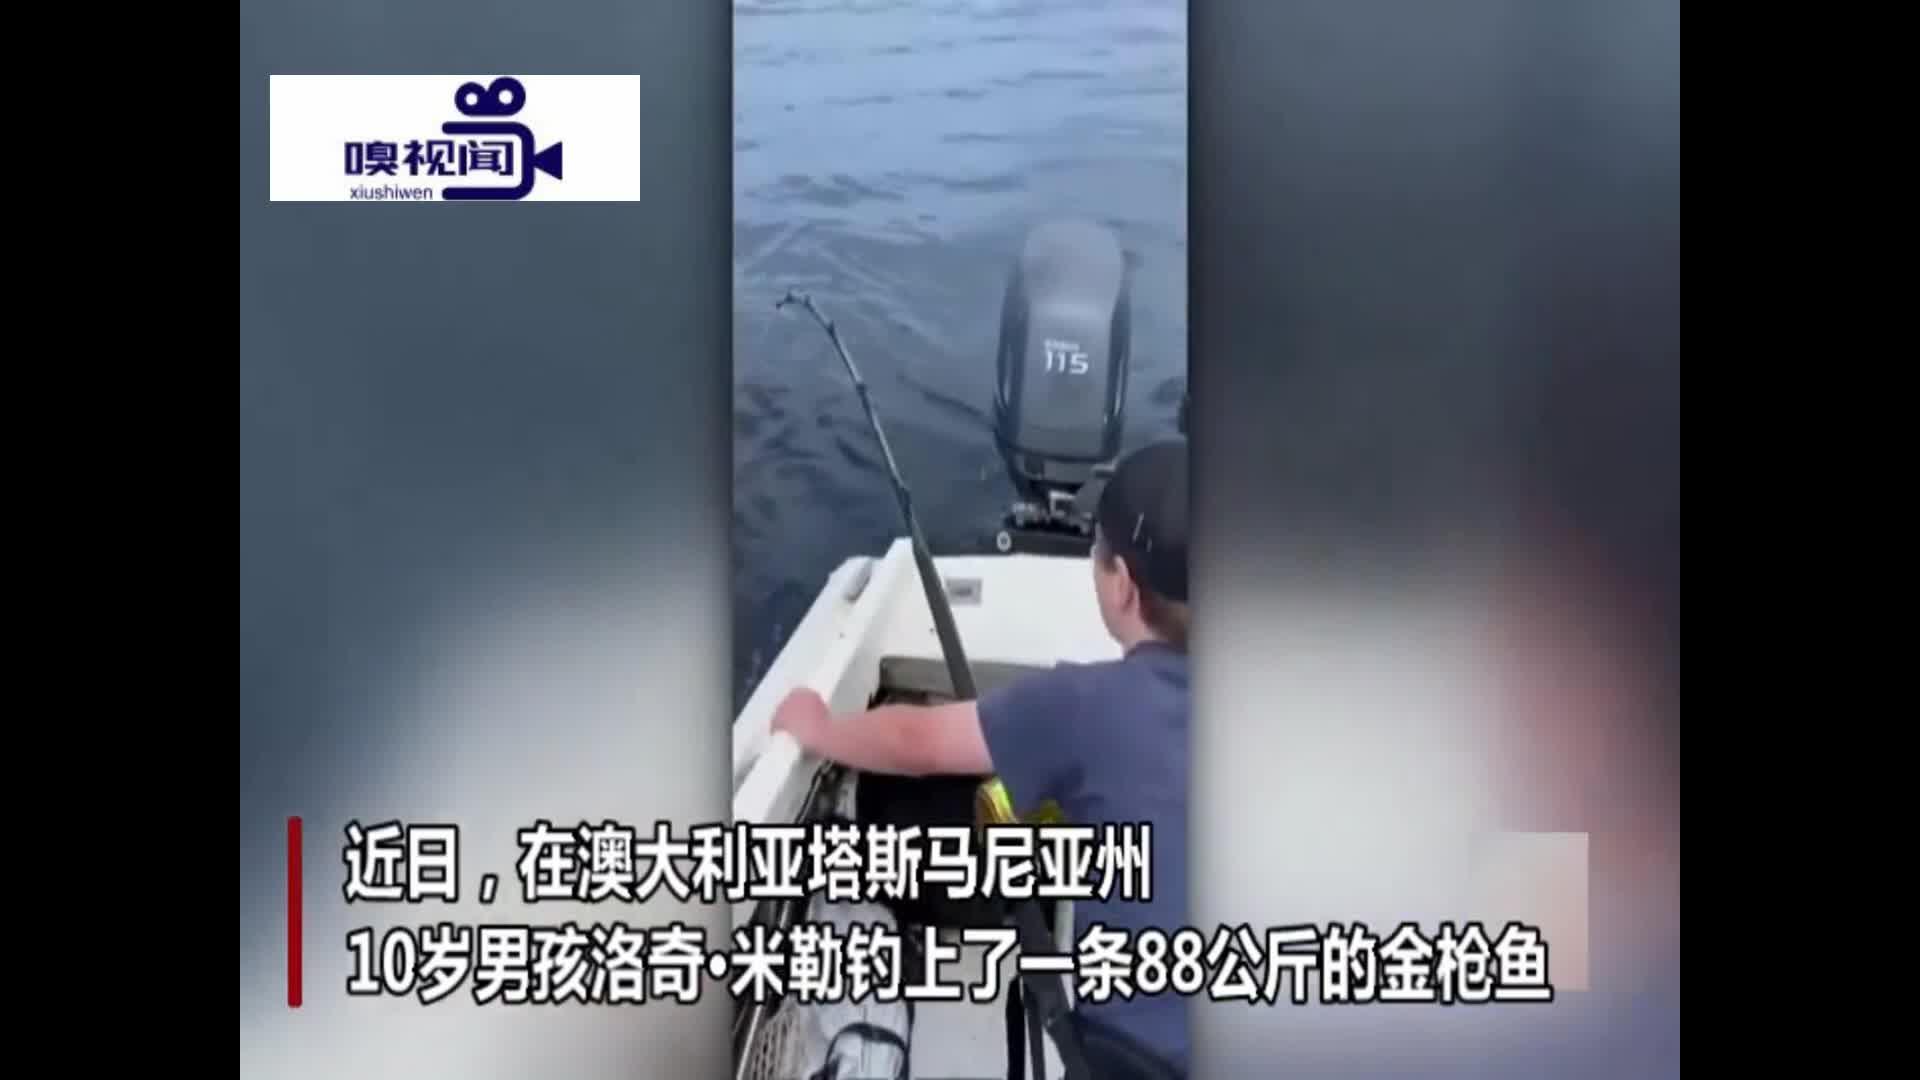 澳大利亚:10岁男孩花3小时钓到88公斤巨型金枪鱼打破纪录